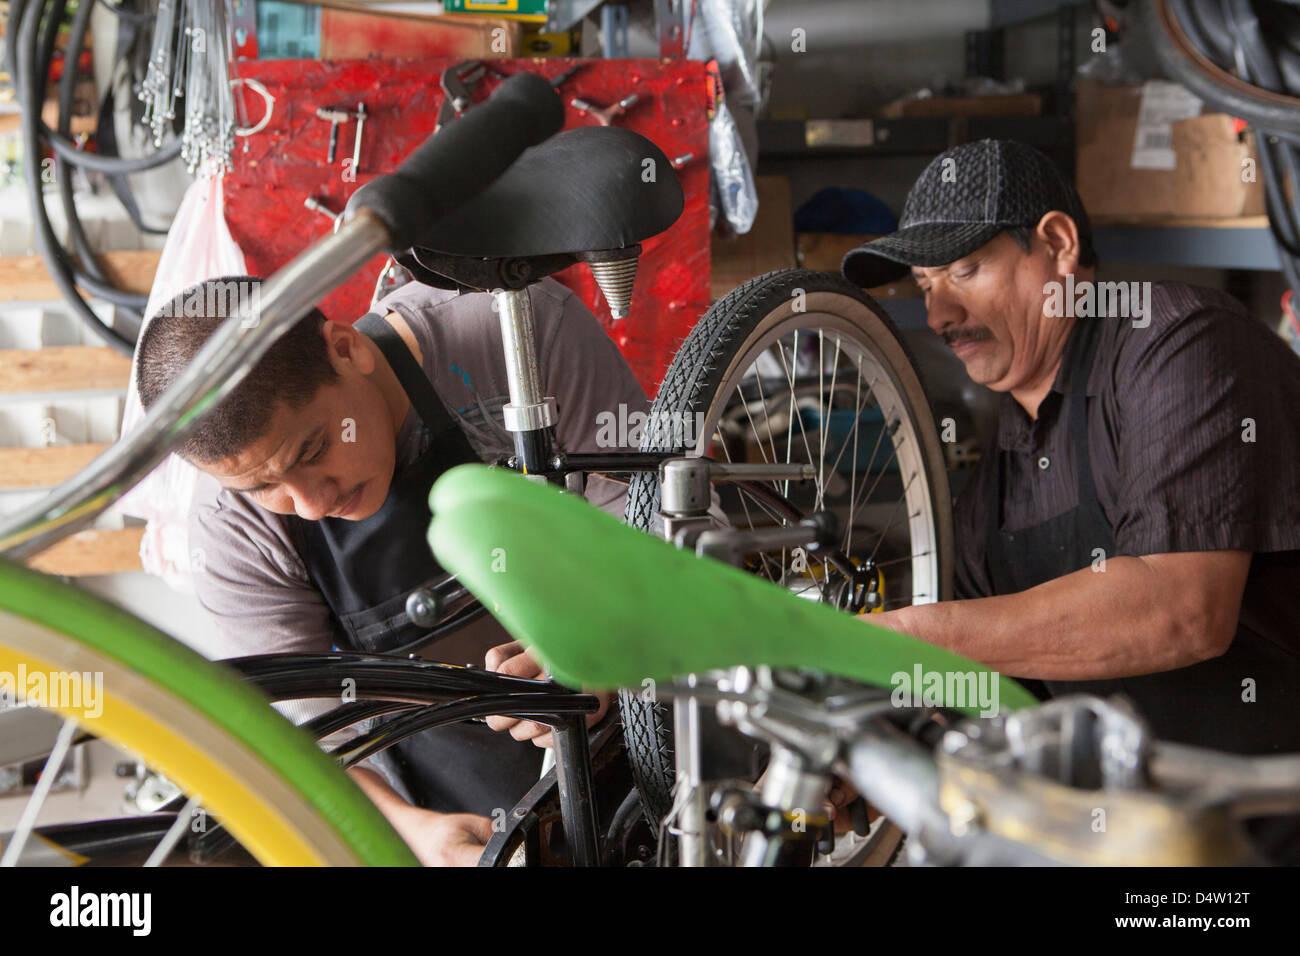 Mechanik im Fahrradgeschäft Stockbild